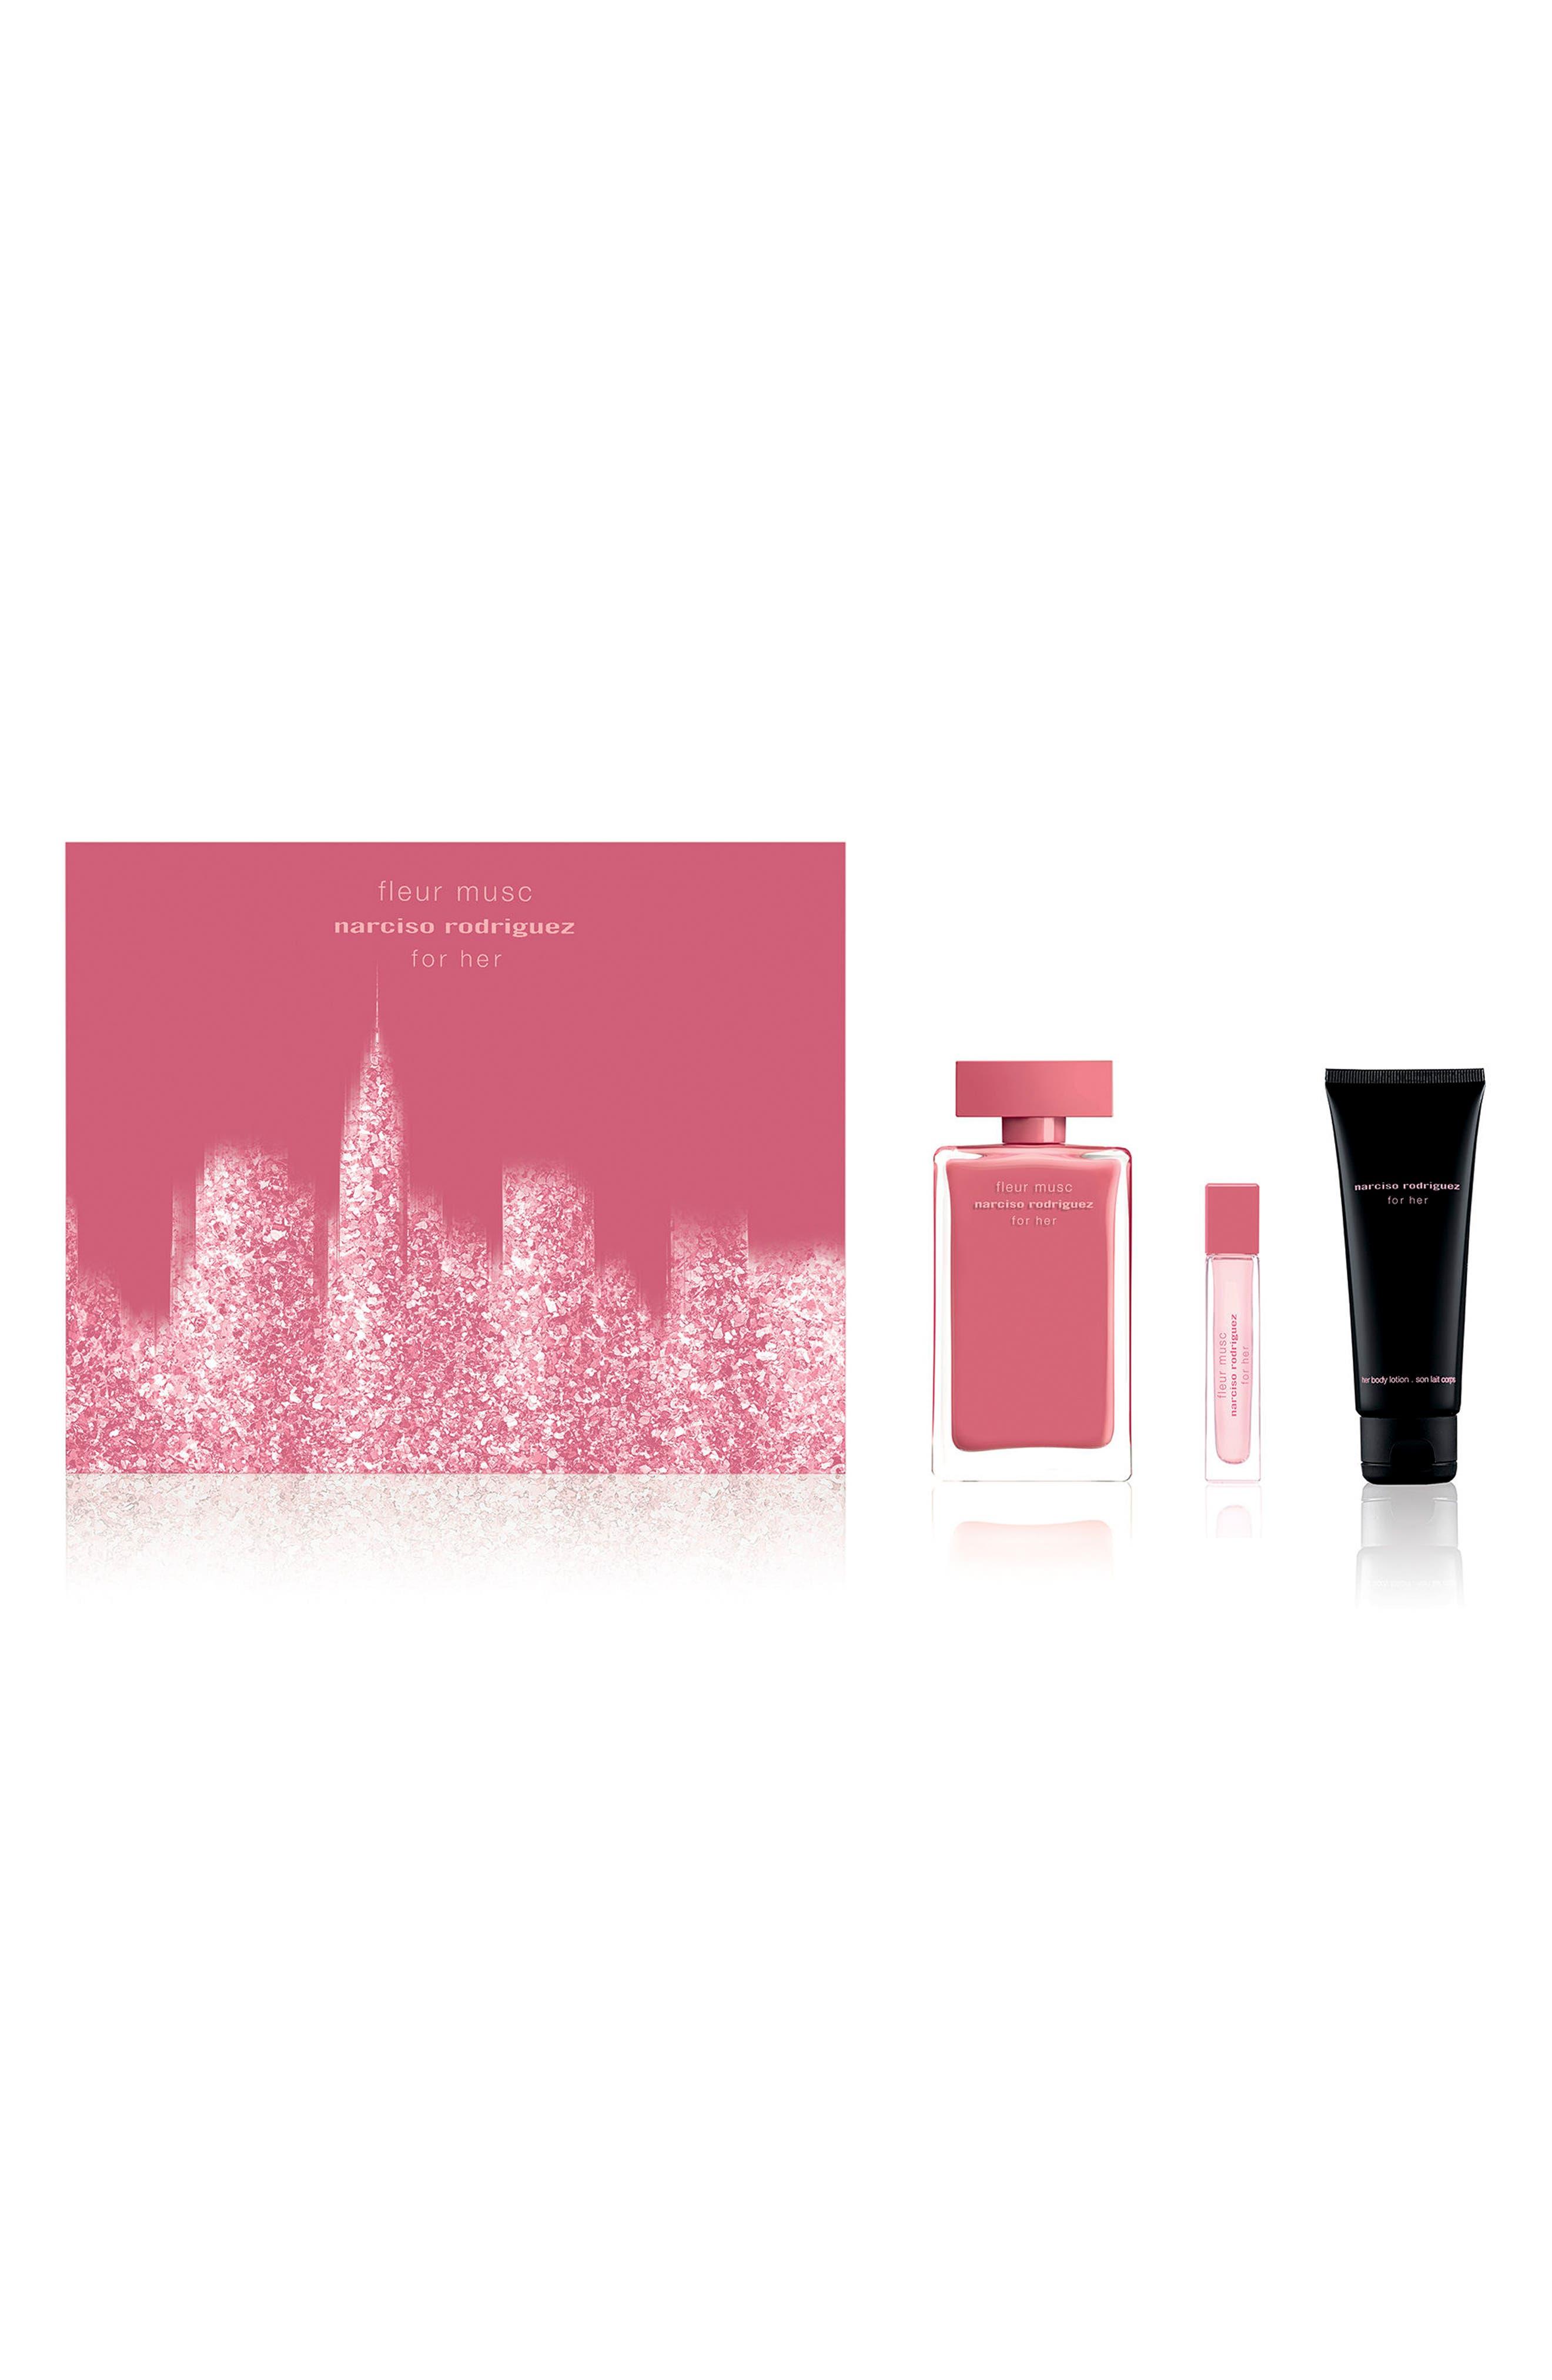 Main Image - Narciso Rodriguez For Her Fleur Musc Eau de Parfum Set ($170 Value)